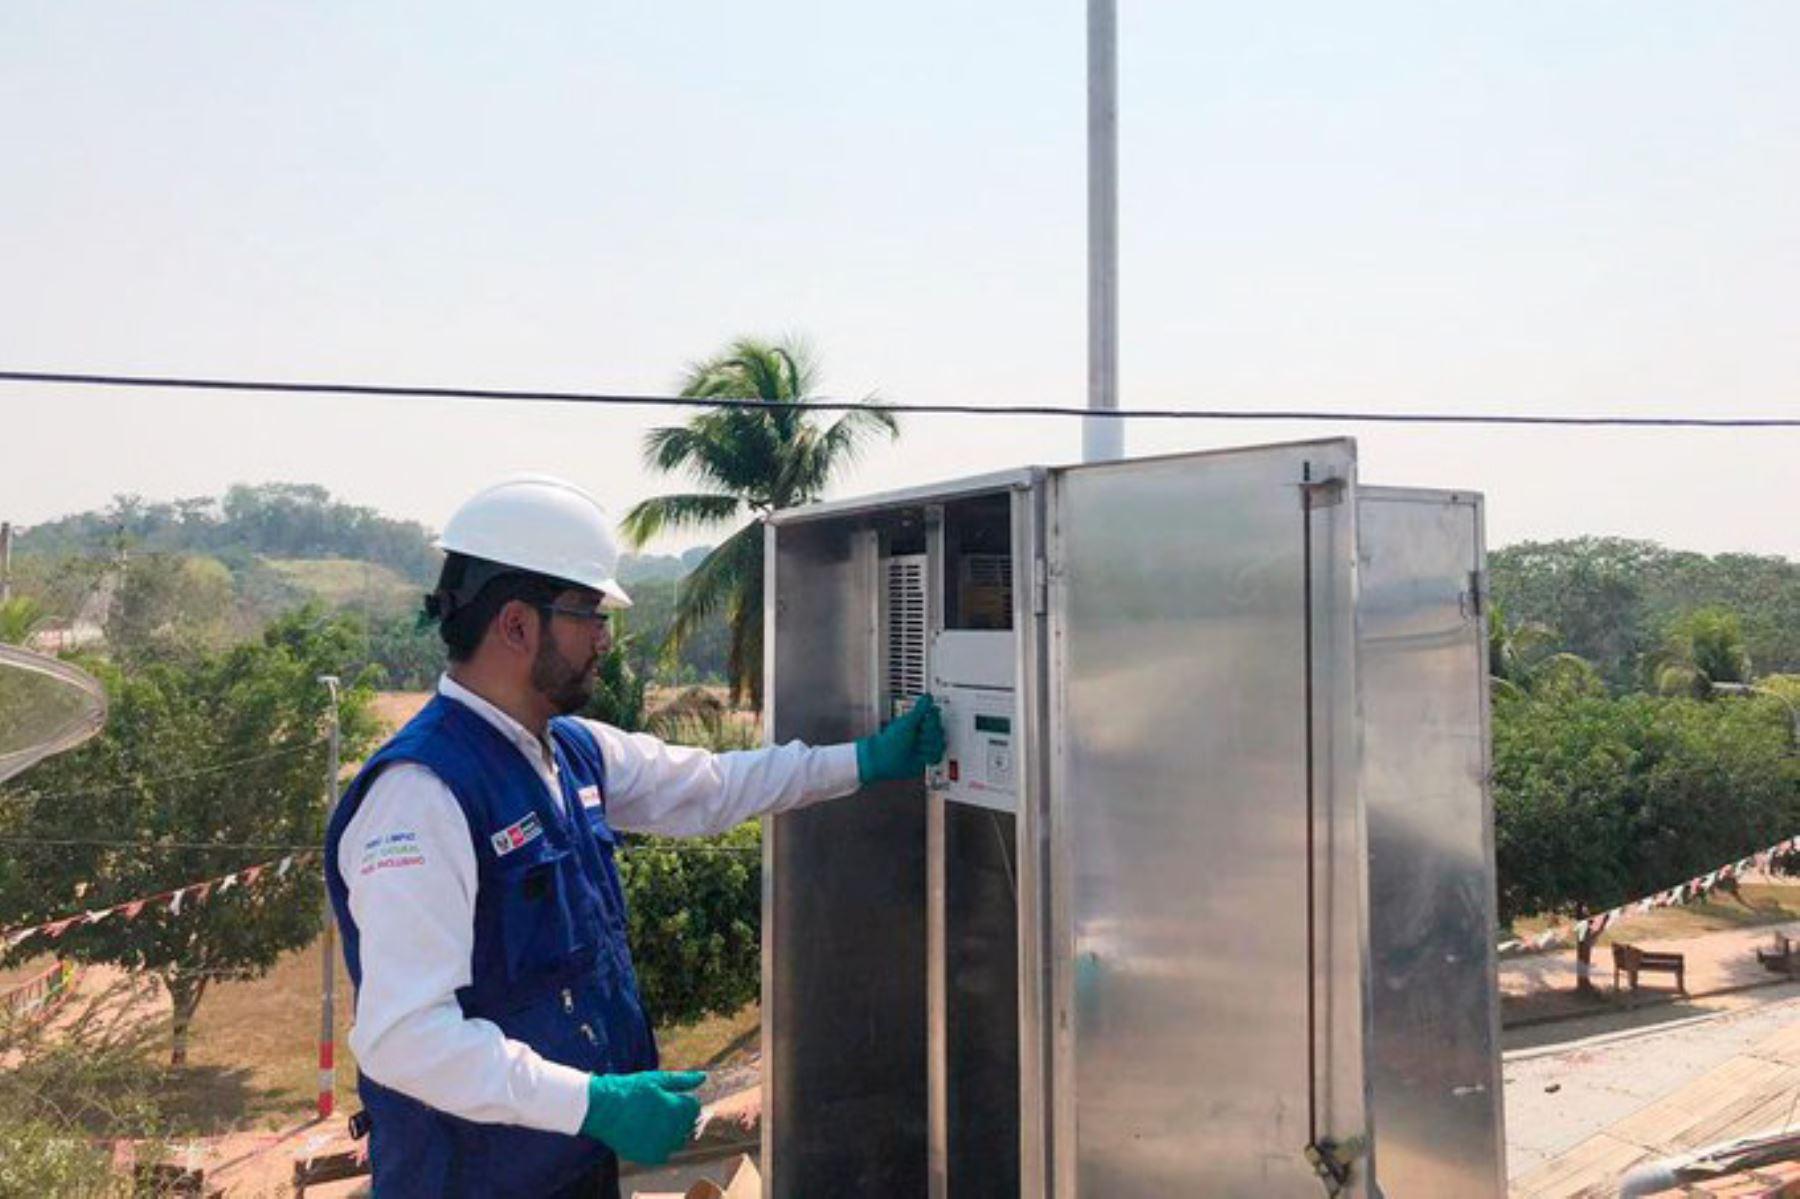 El Minam instaló moderno equipo de medición de la calidad del aire en Madre de Dios, a 50 metros de la frontera con Brasil. Foto: ANDINA/Difusión